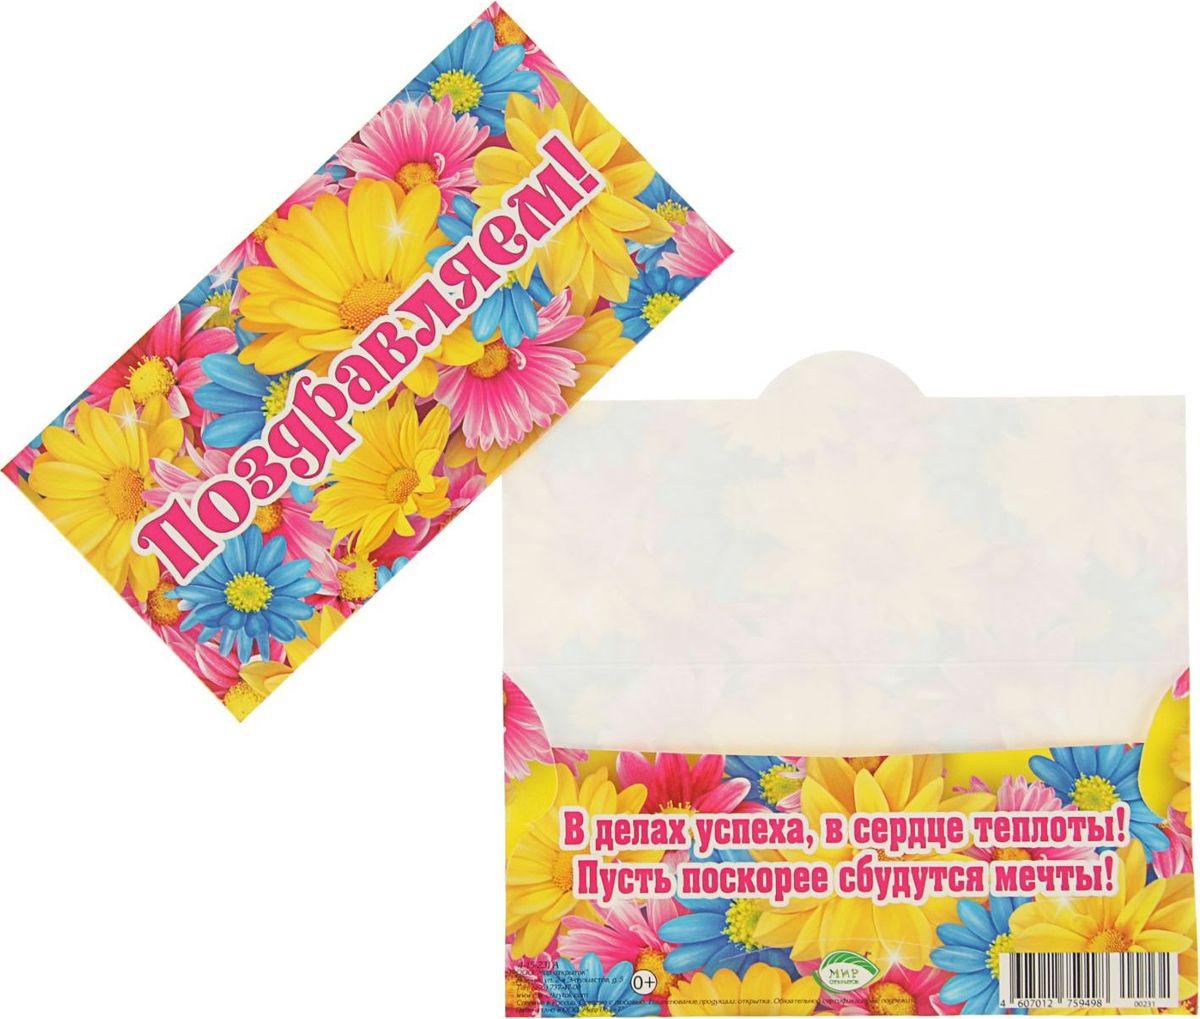 Конверт для денег С Днем Рождения. Разноцветные шары, 16,4 х 8,2 см конверт для денег с днем рождения 1063254